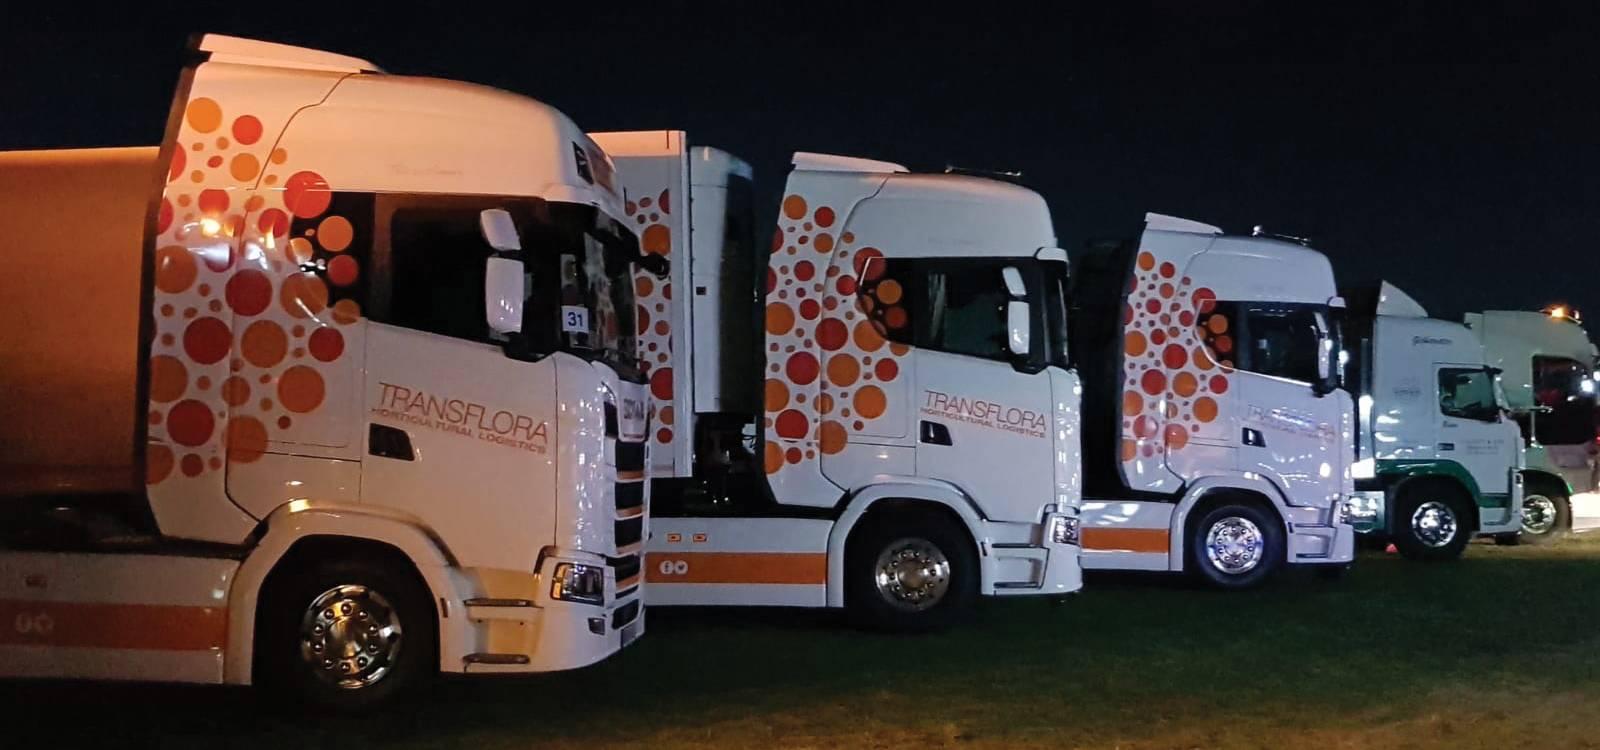 five-newey-lorries-parked.jpg